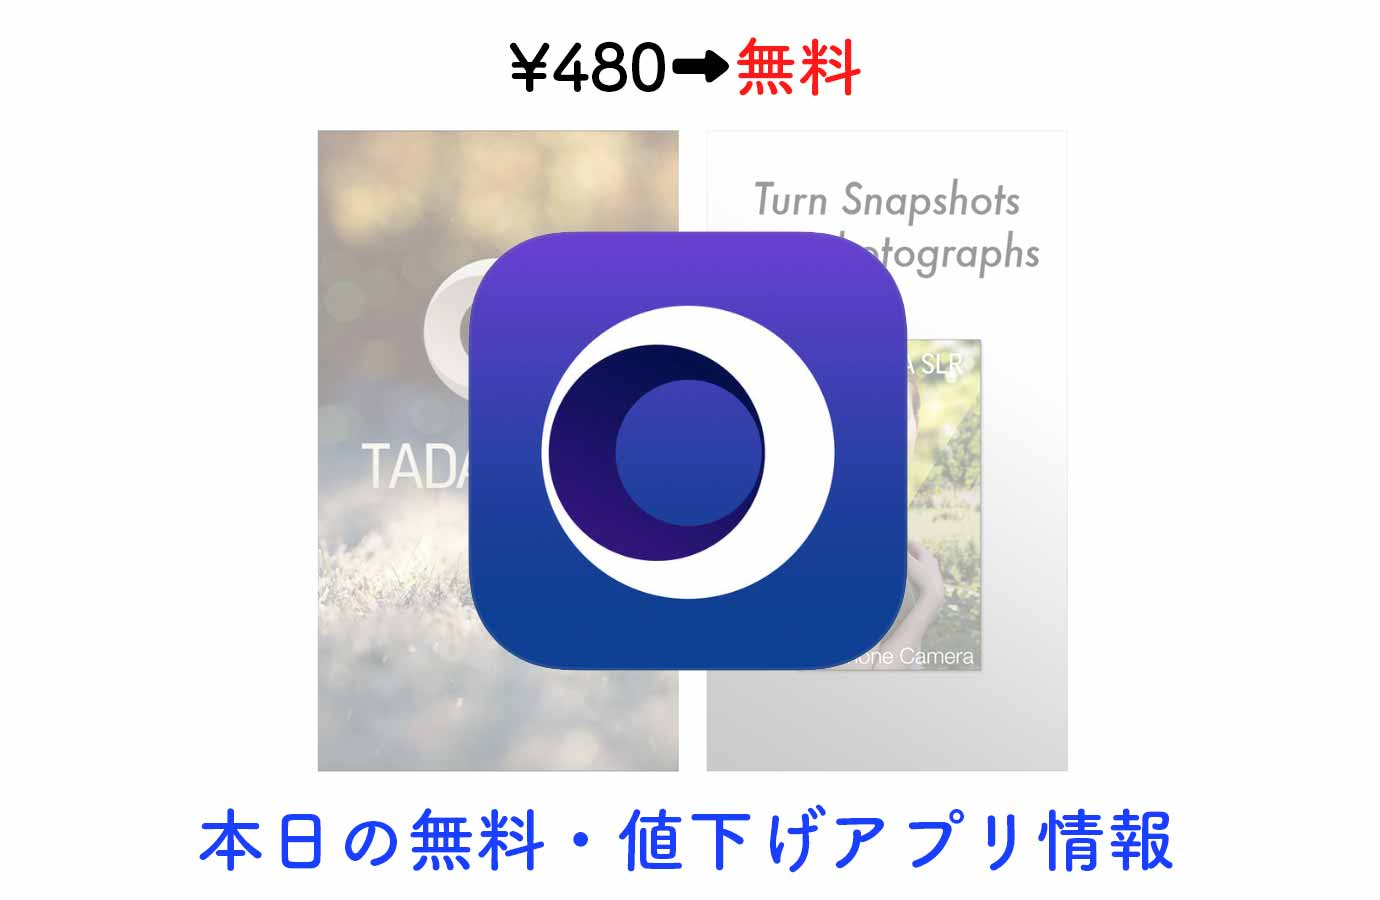 ¥480→無料、一眼レフ並のボケのある写真が作れるアプリ「Tadaa SLR」など【8/22】本日の無料・値下げアプリ情報